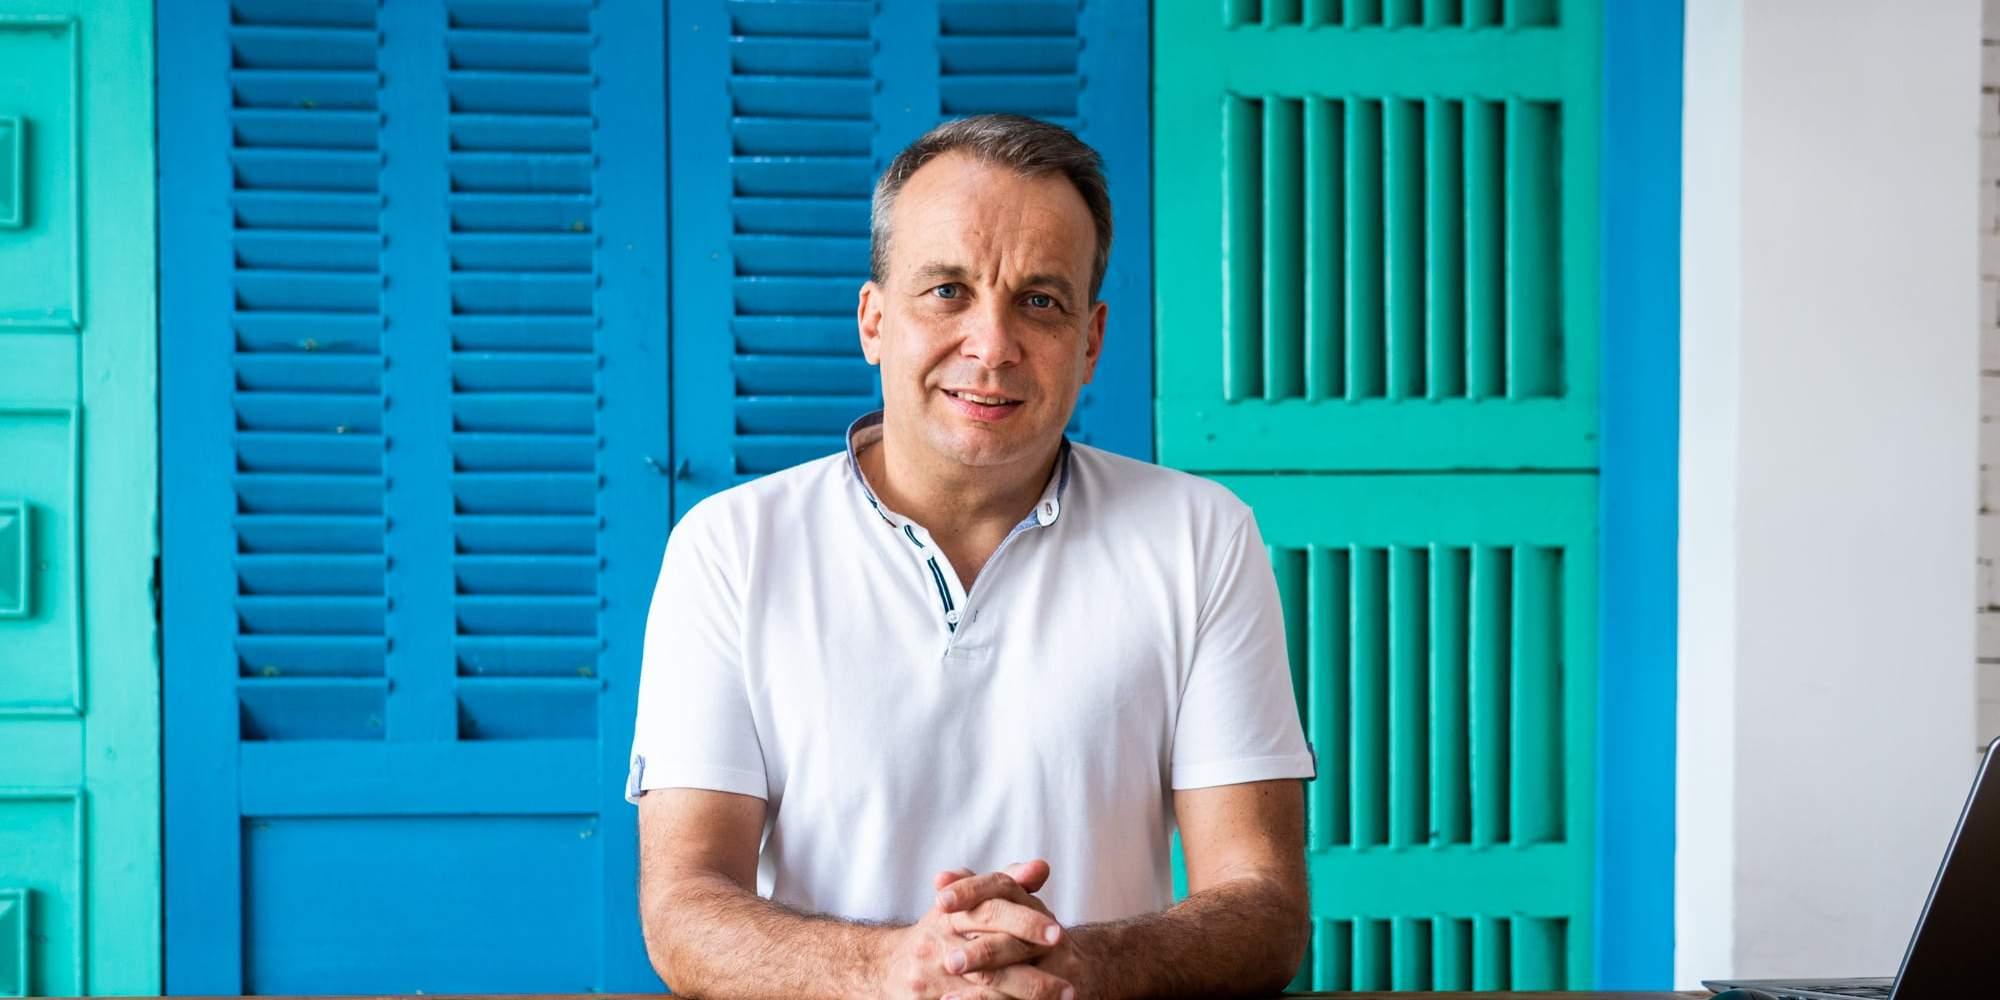 How I Manage: Richard Burrage — Managing Partner of Cimigo